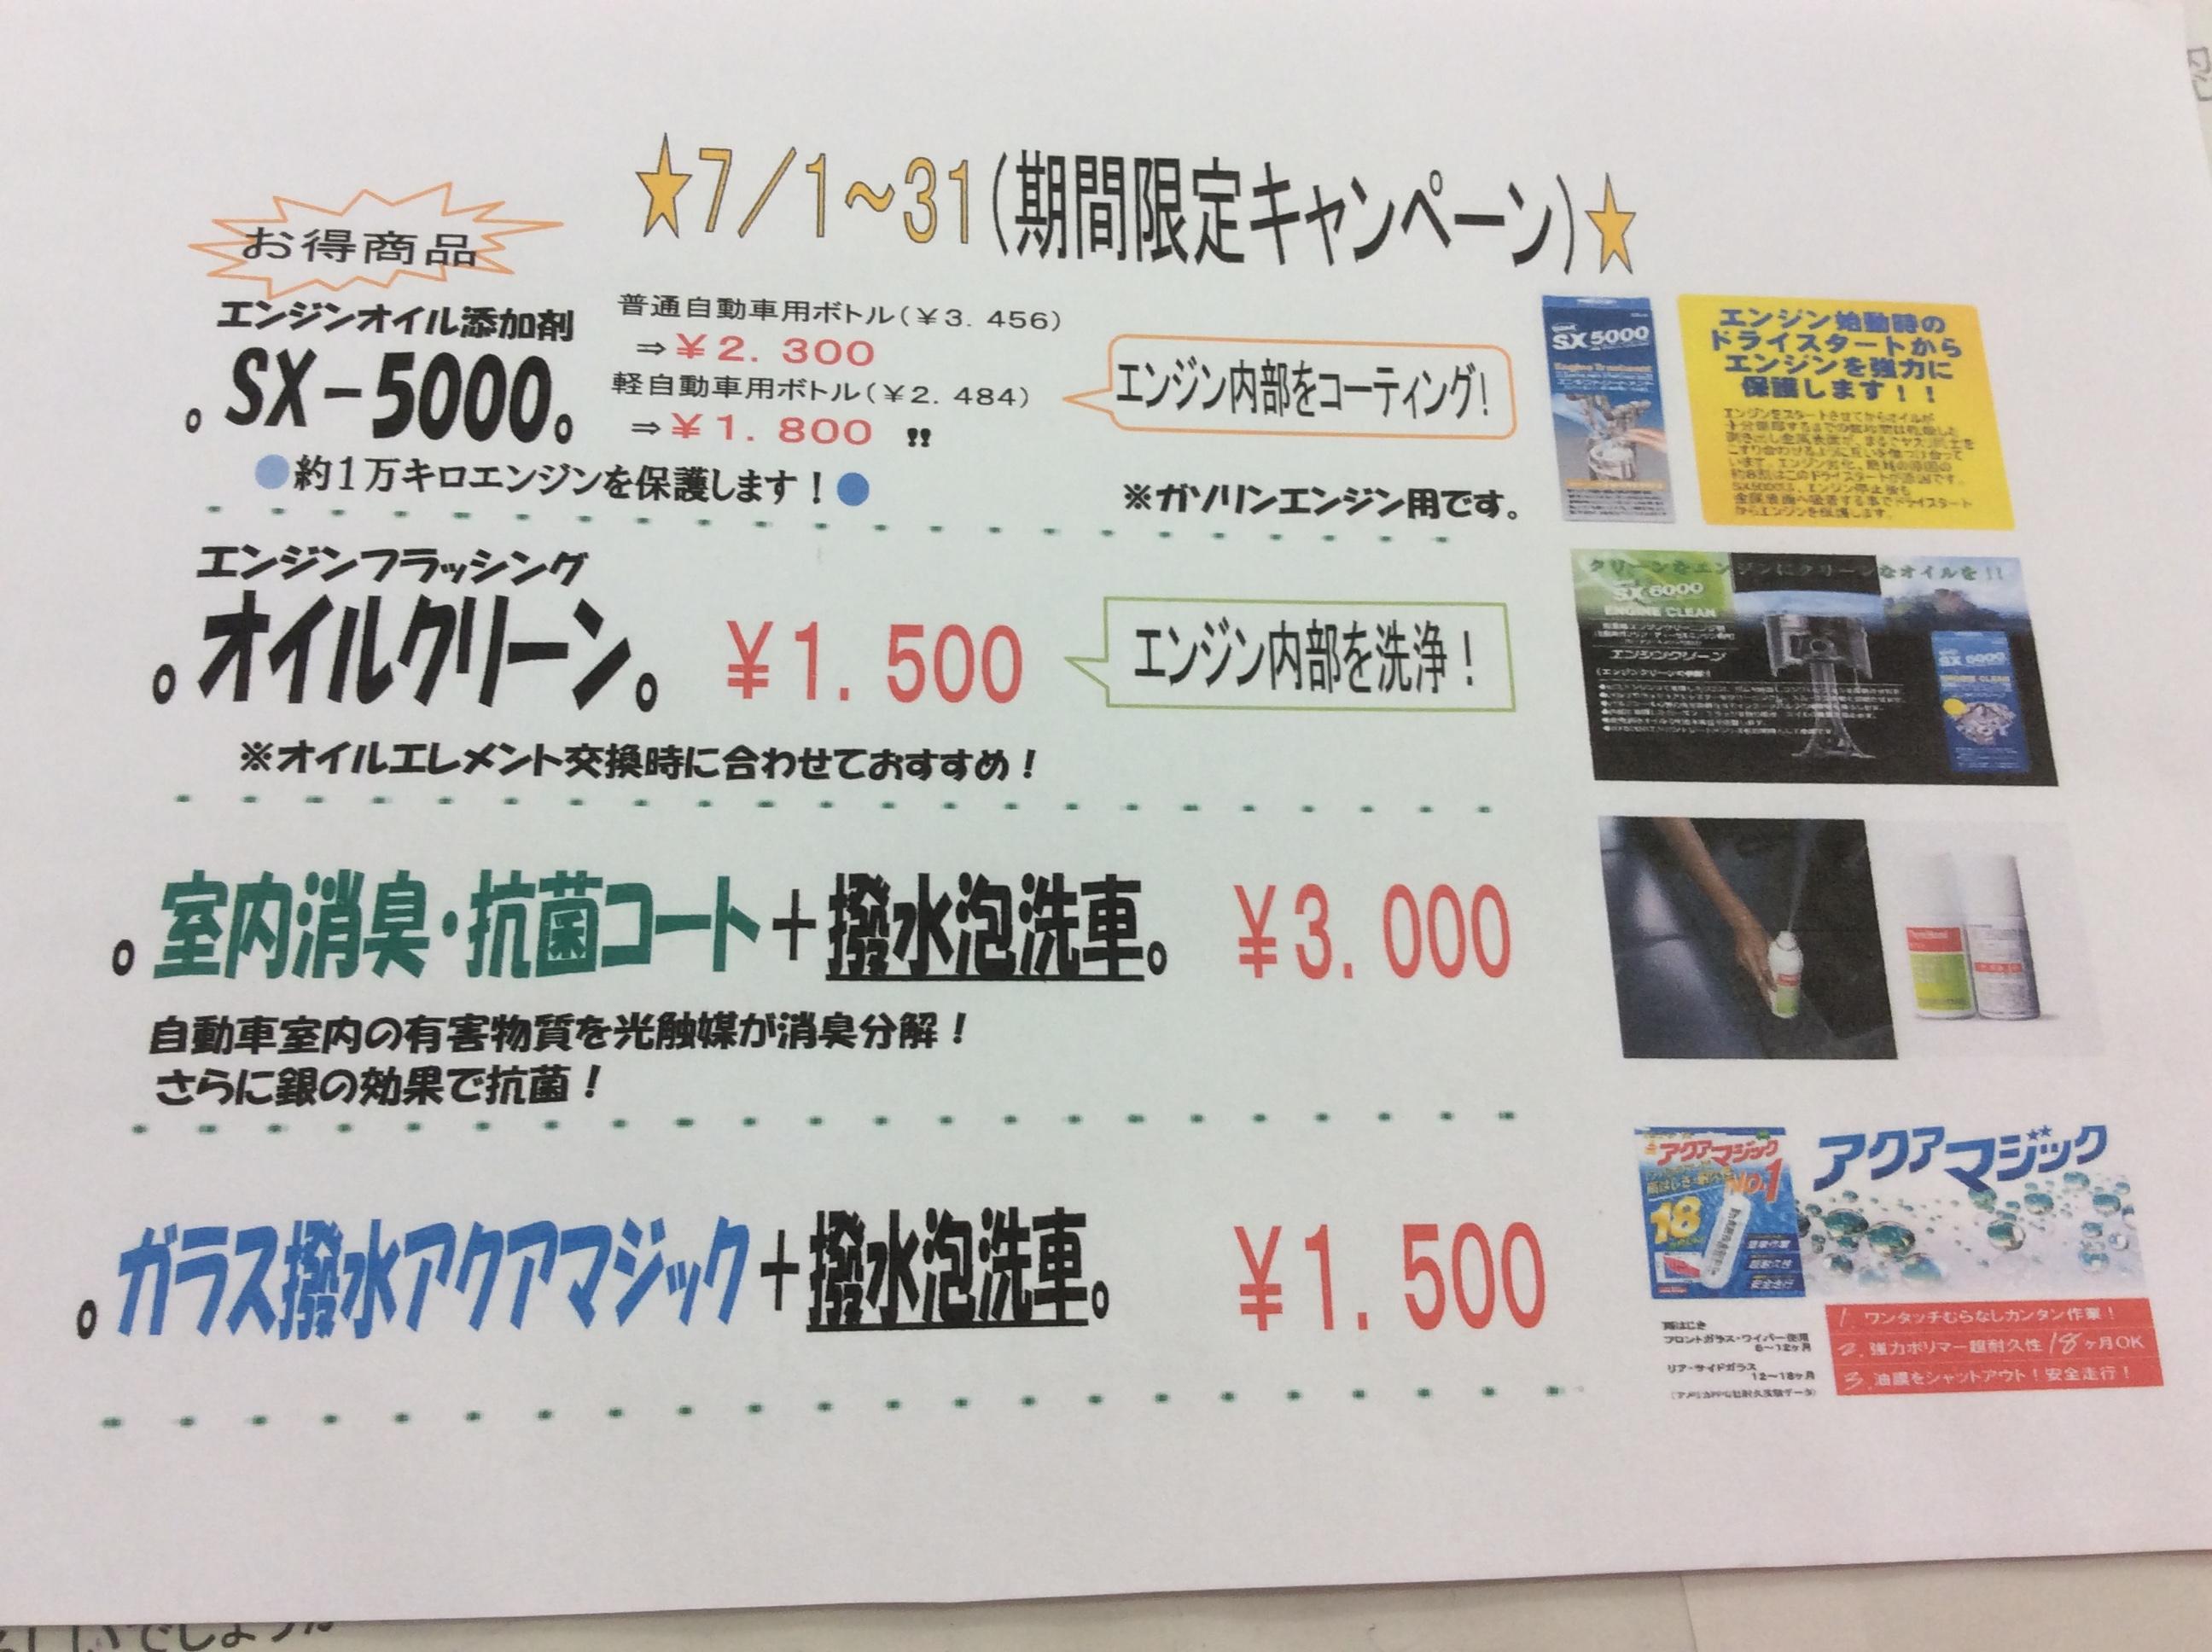 https://www.hyogo-mitsubishi.com/shop/akashi/files/ef8d9b2693ba0d233b5f12ae40f3735e7dc1d18f.jpeg